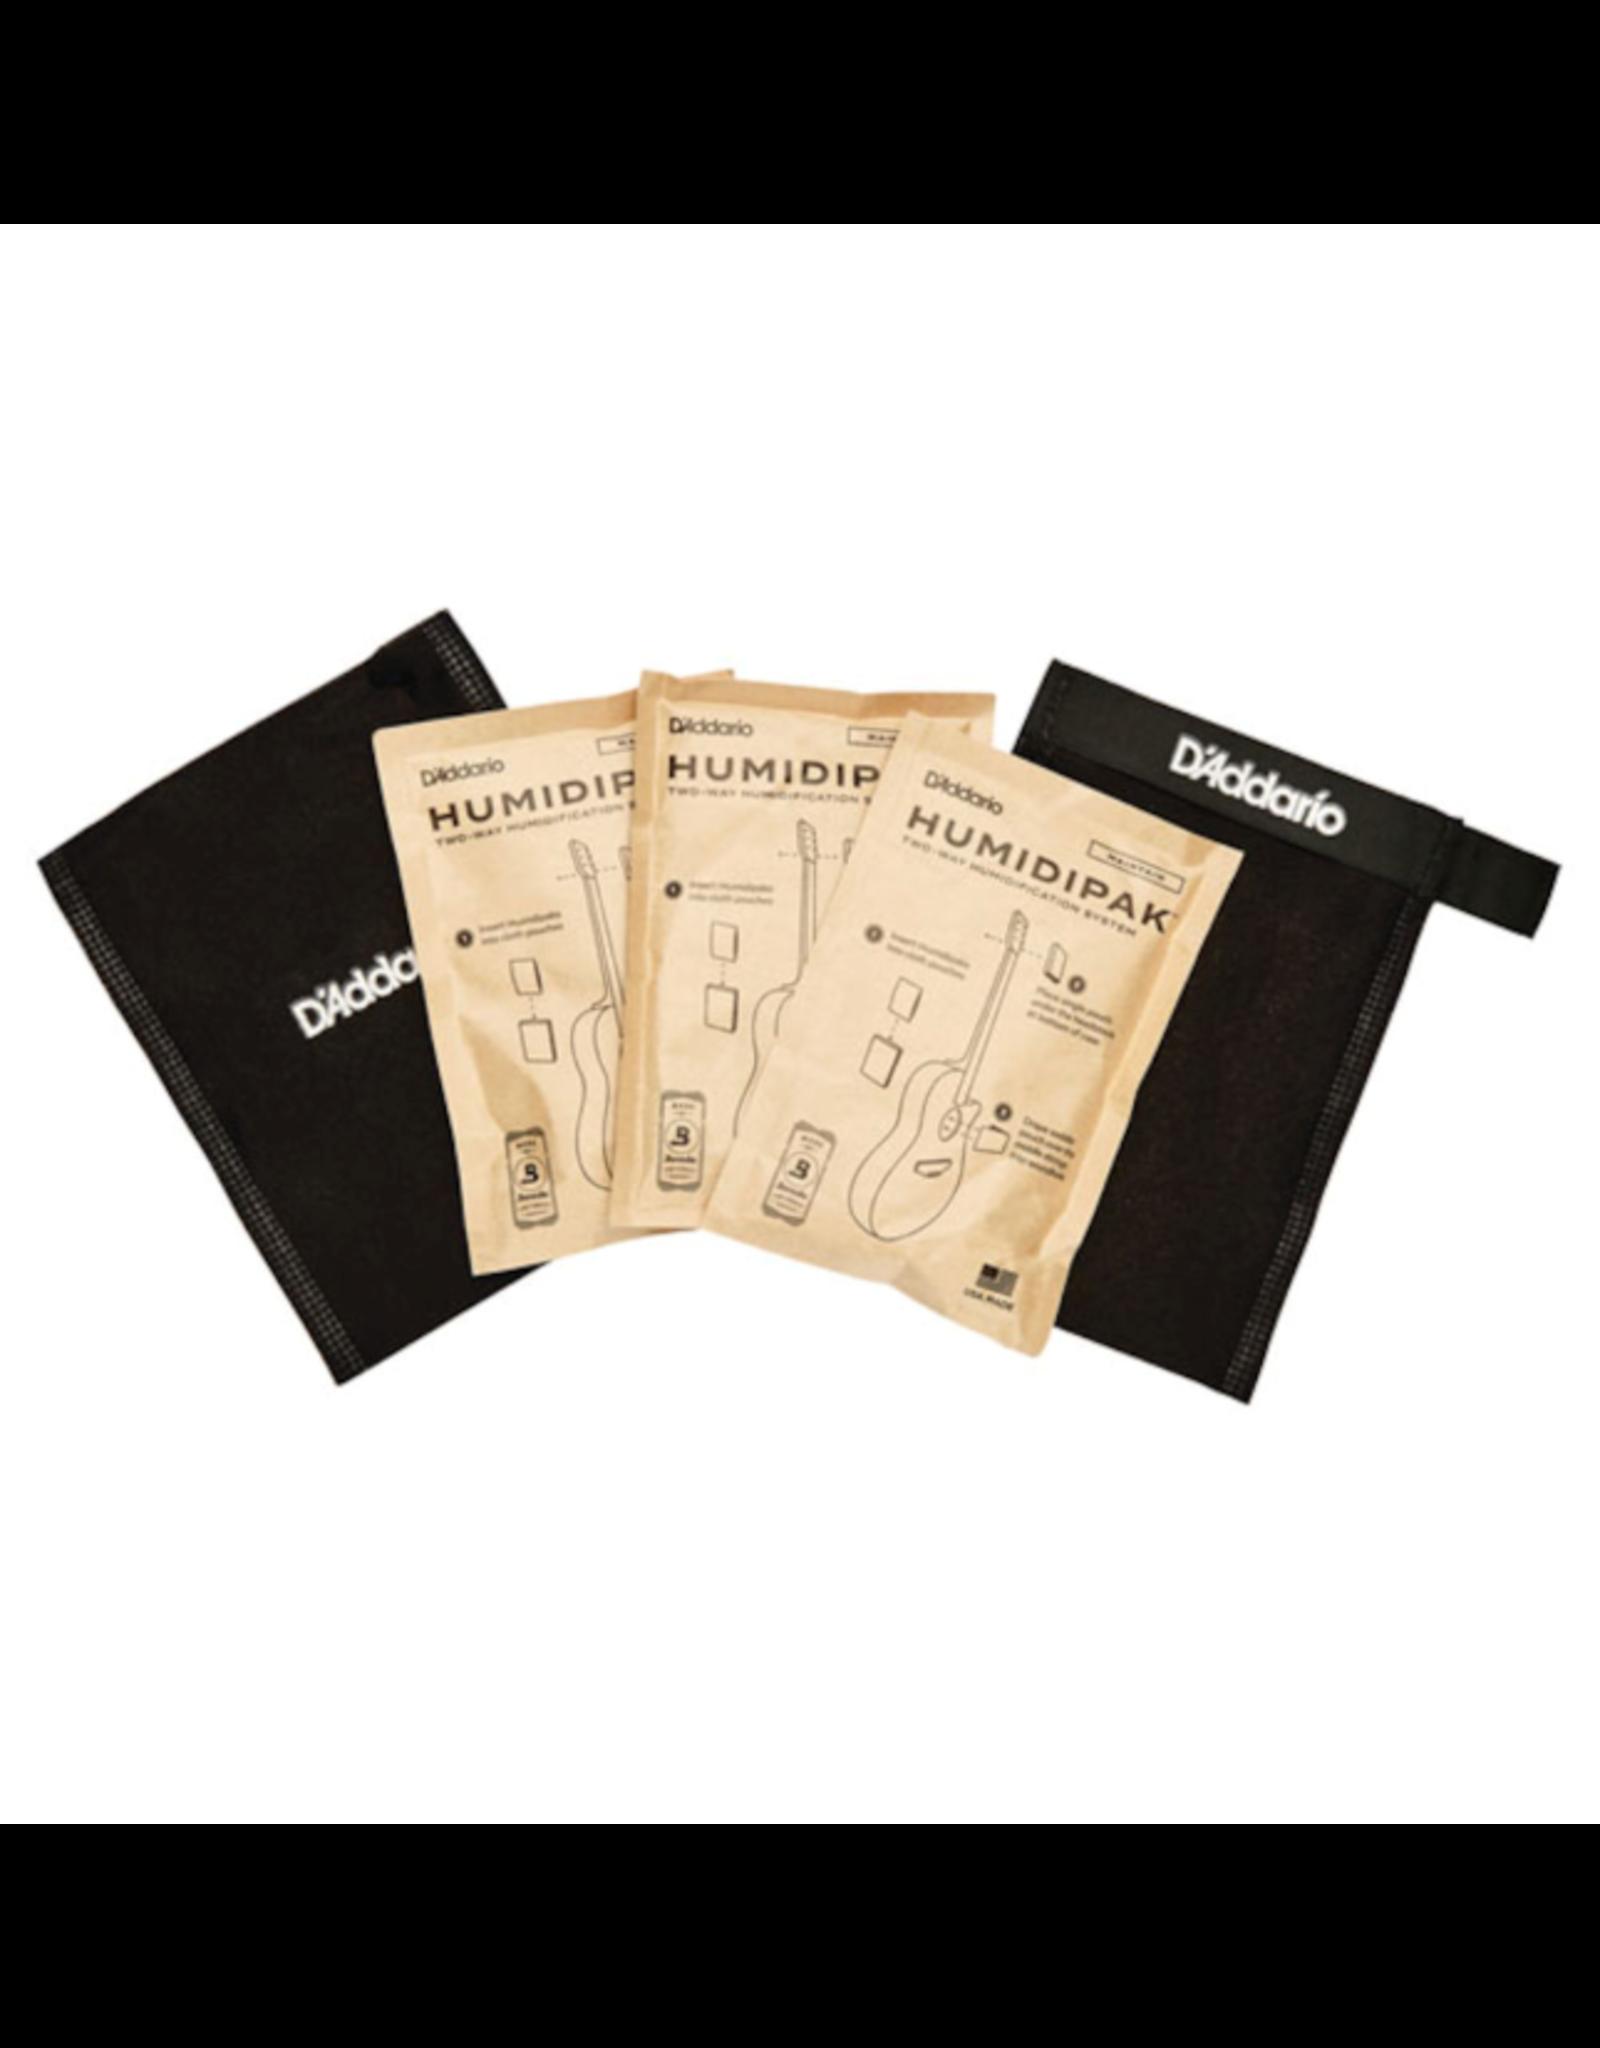 D'Addario D'Addario Humidipak Two-Way Humidification System Maintain